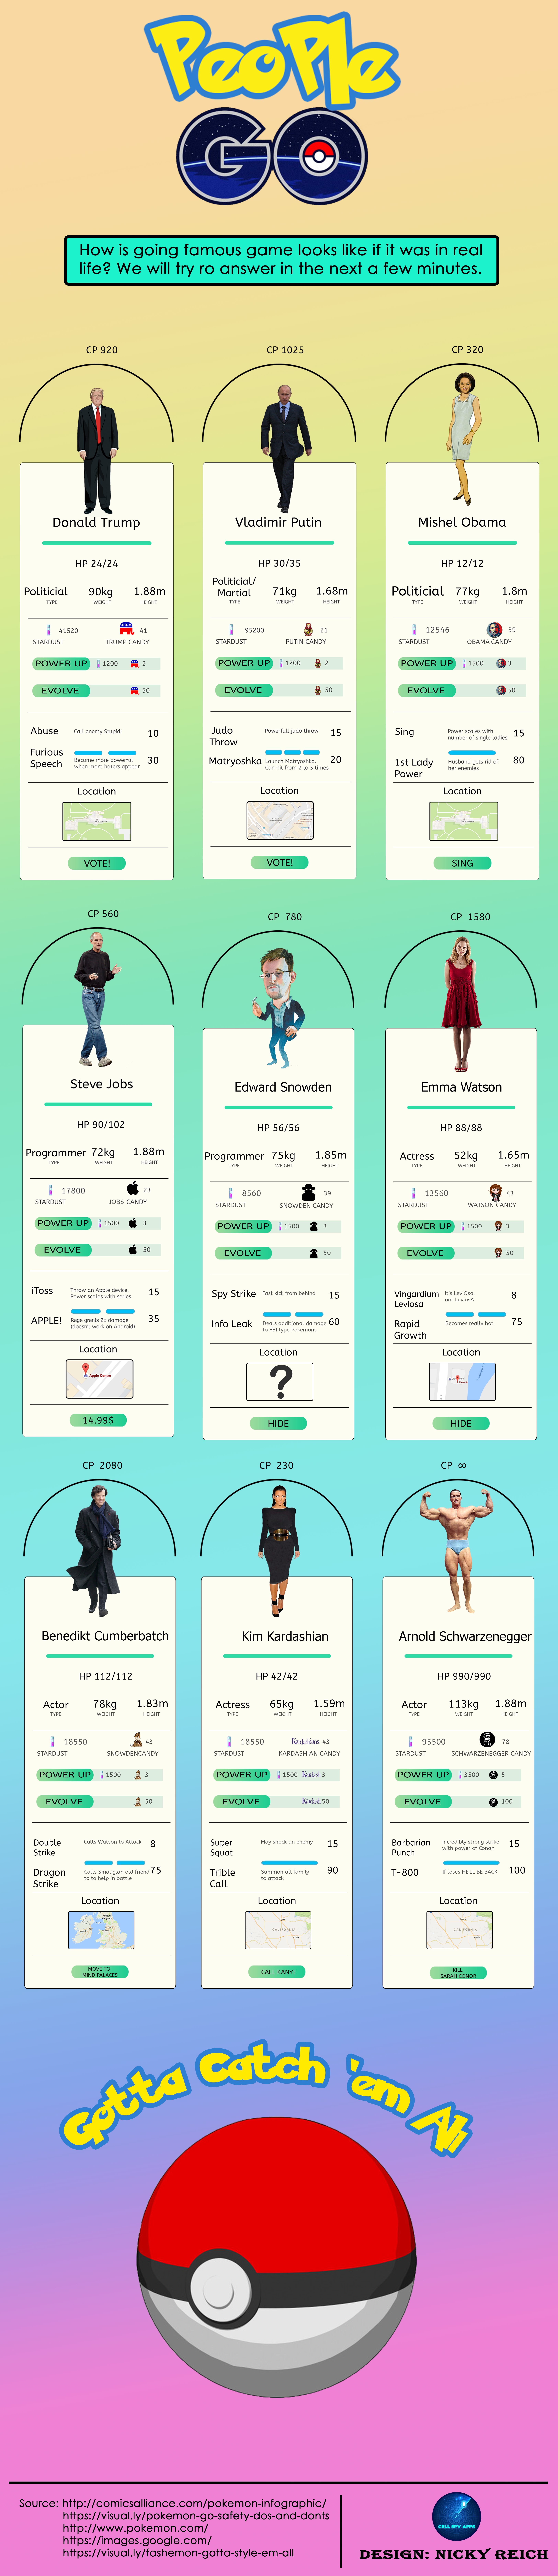 pokemon people infographic